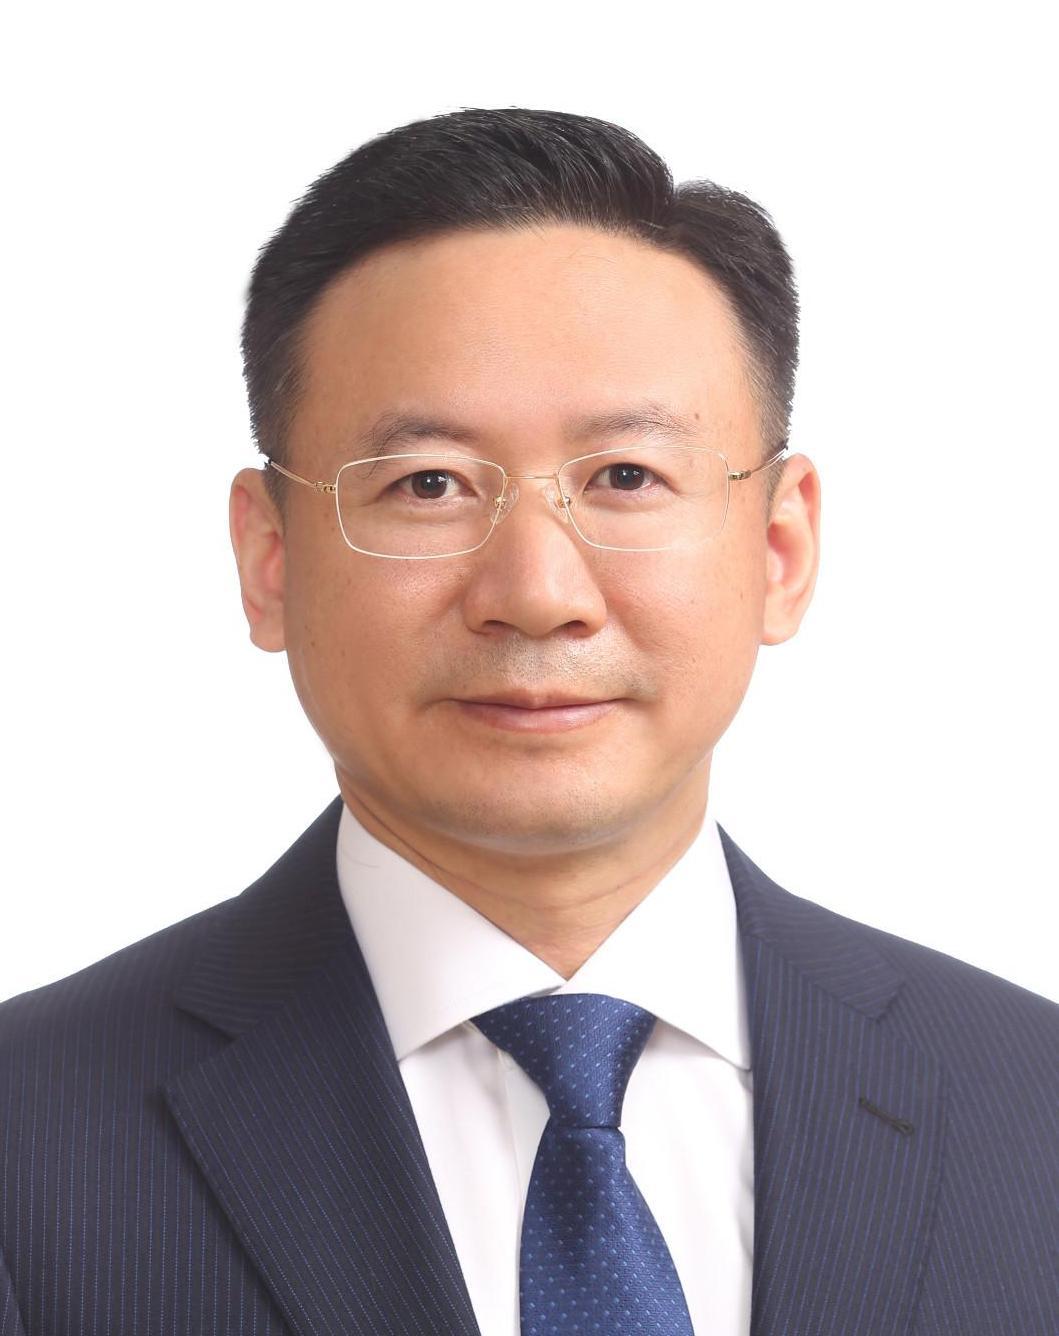 外汇管理局副局长张新履新广东省副省长(图/简历),外汇开户资金